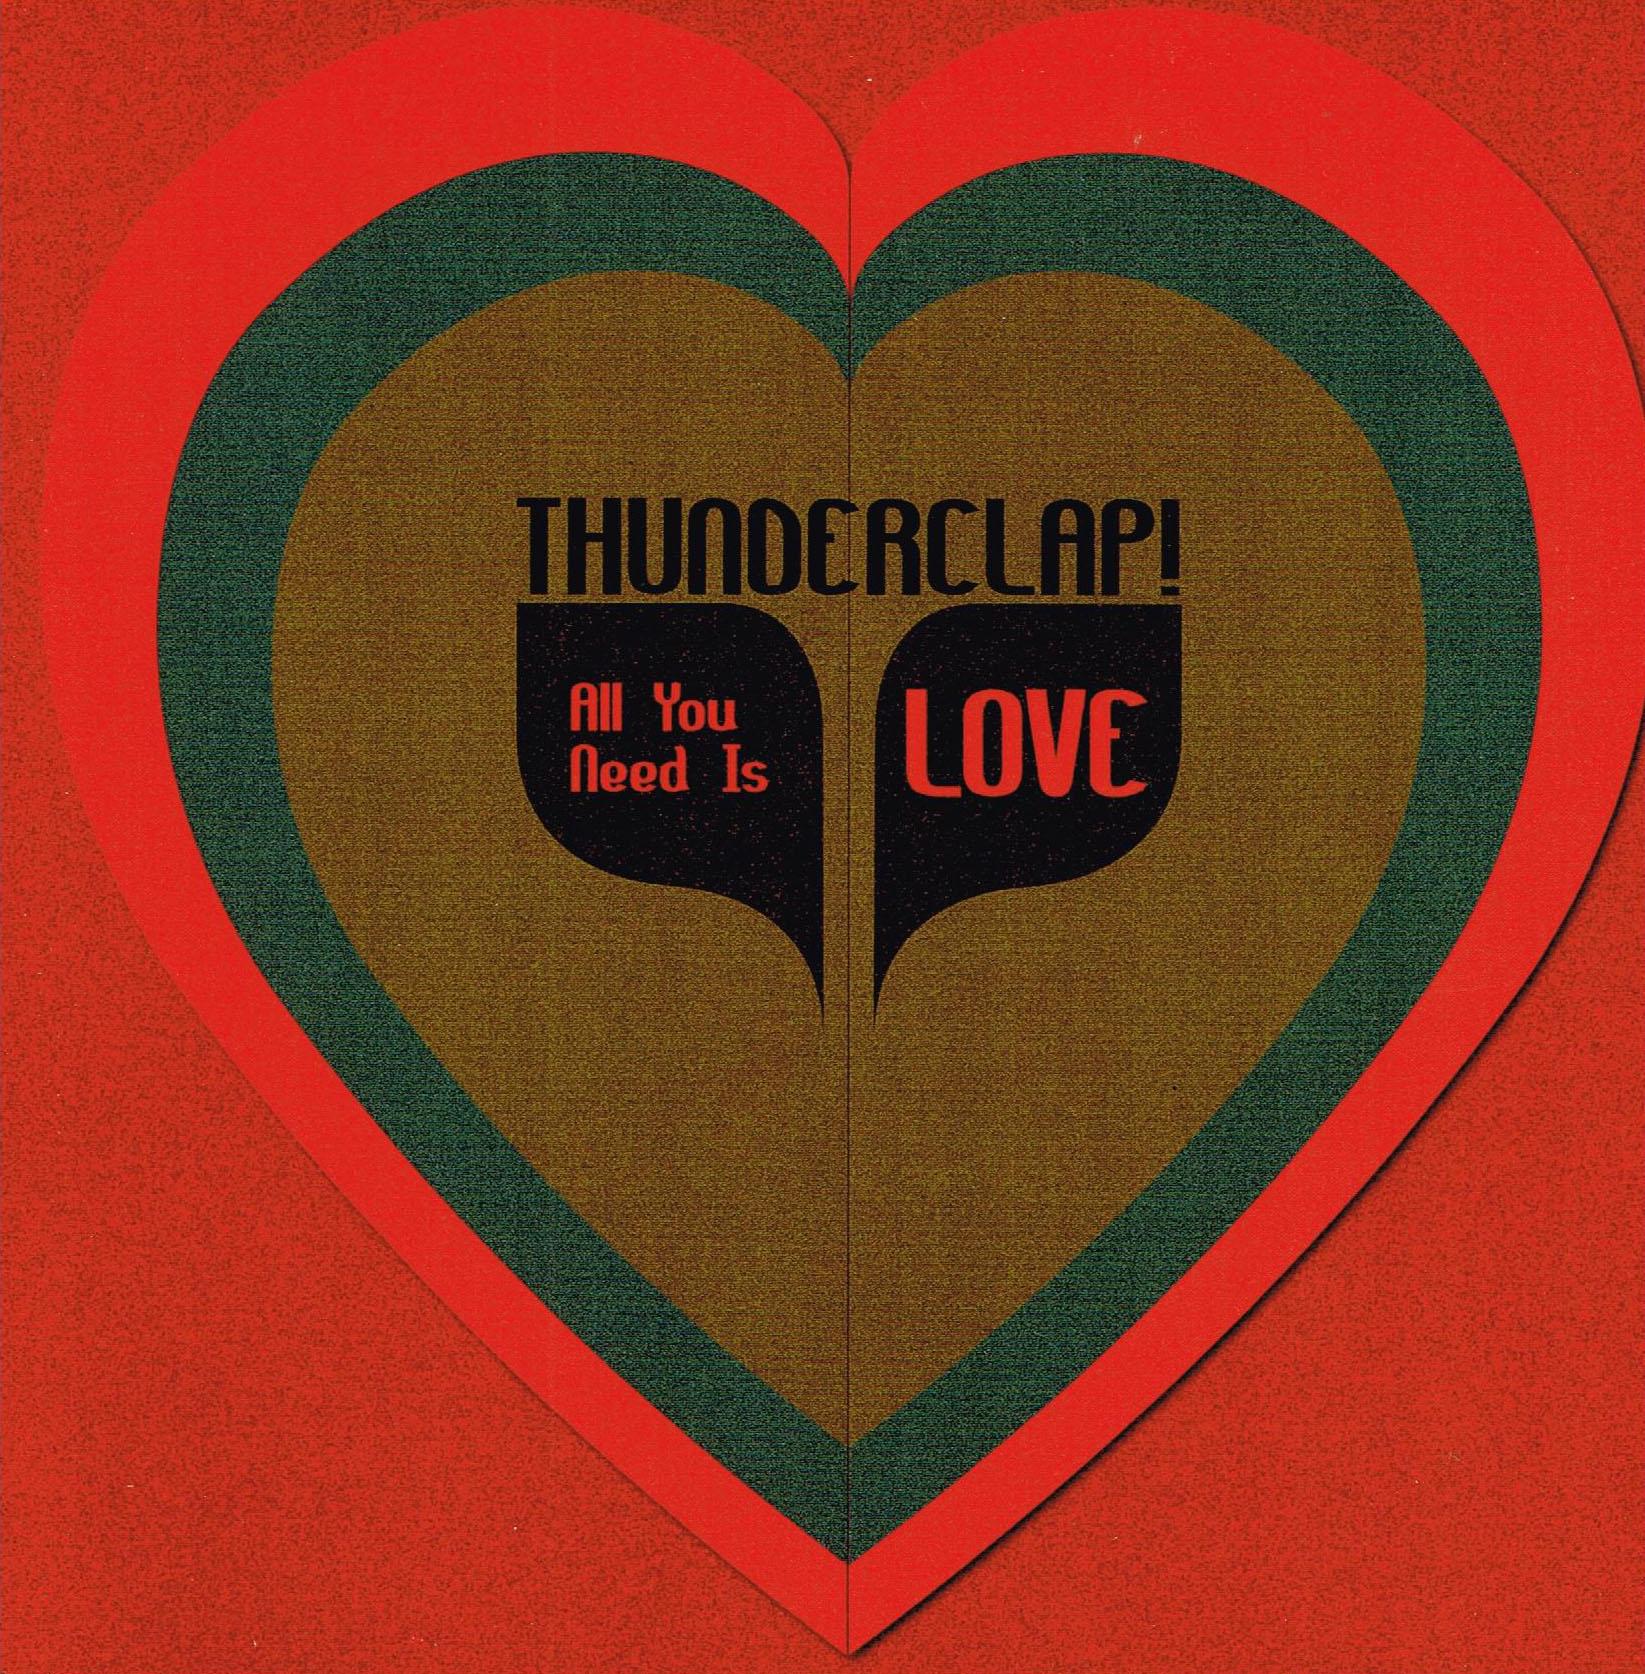 Thunderclap Press